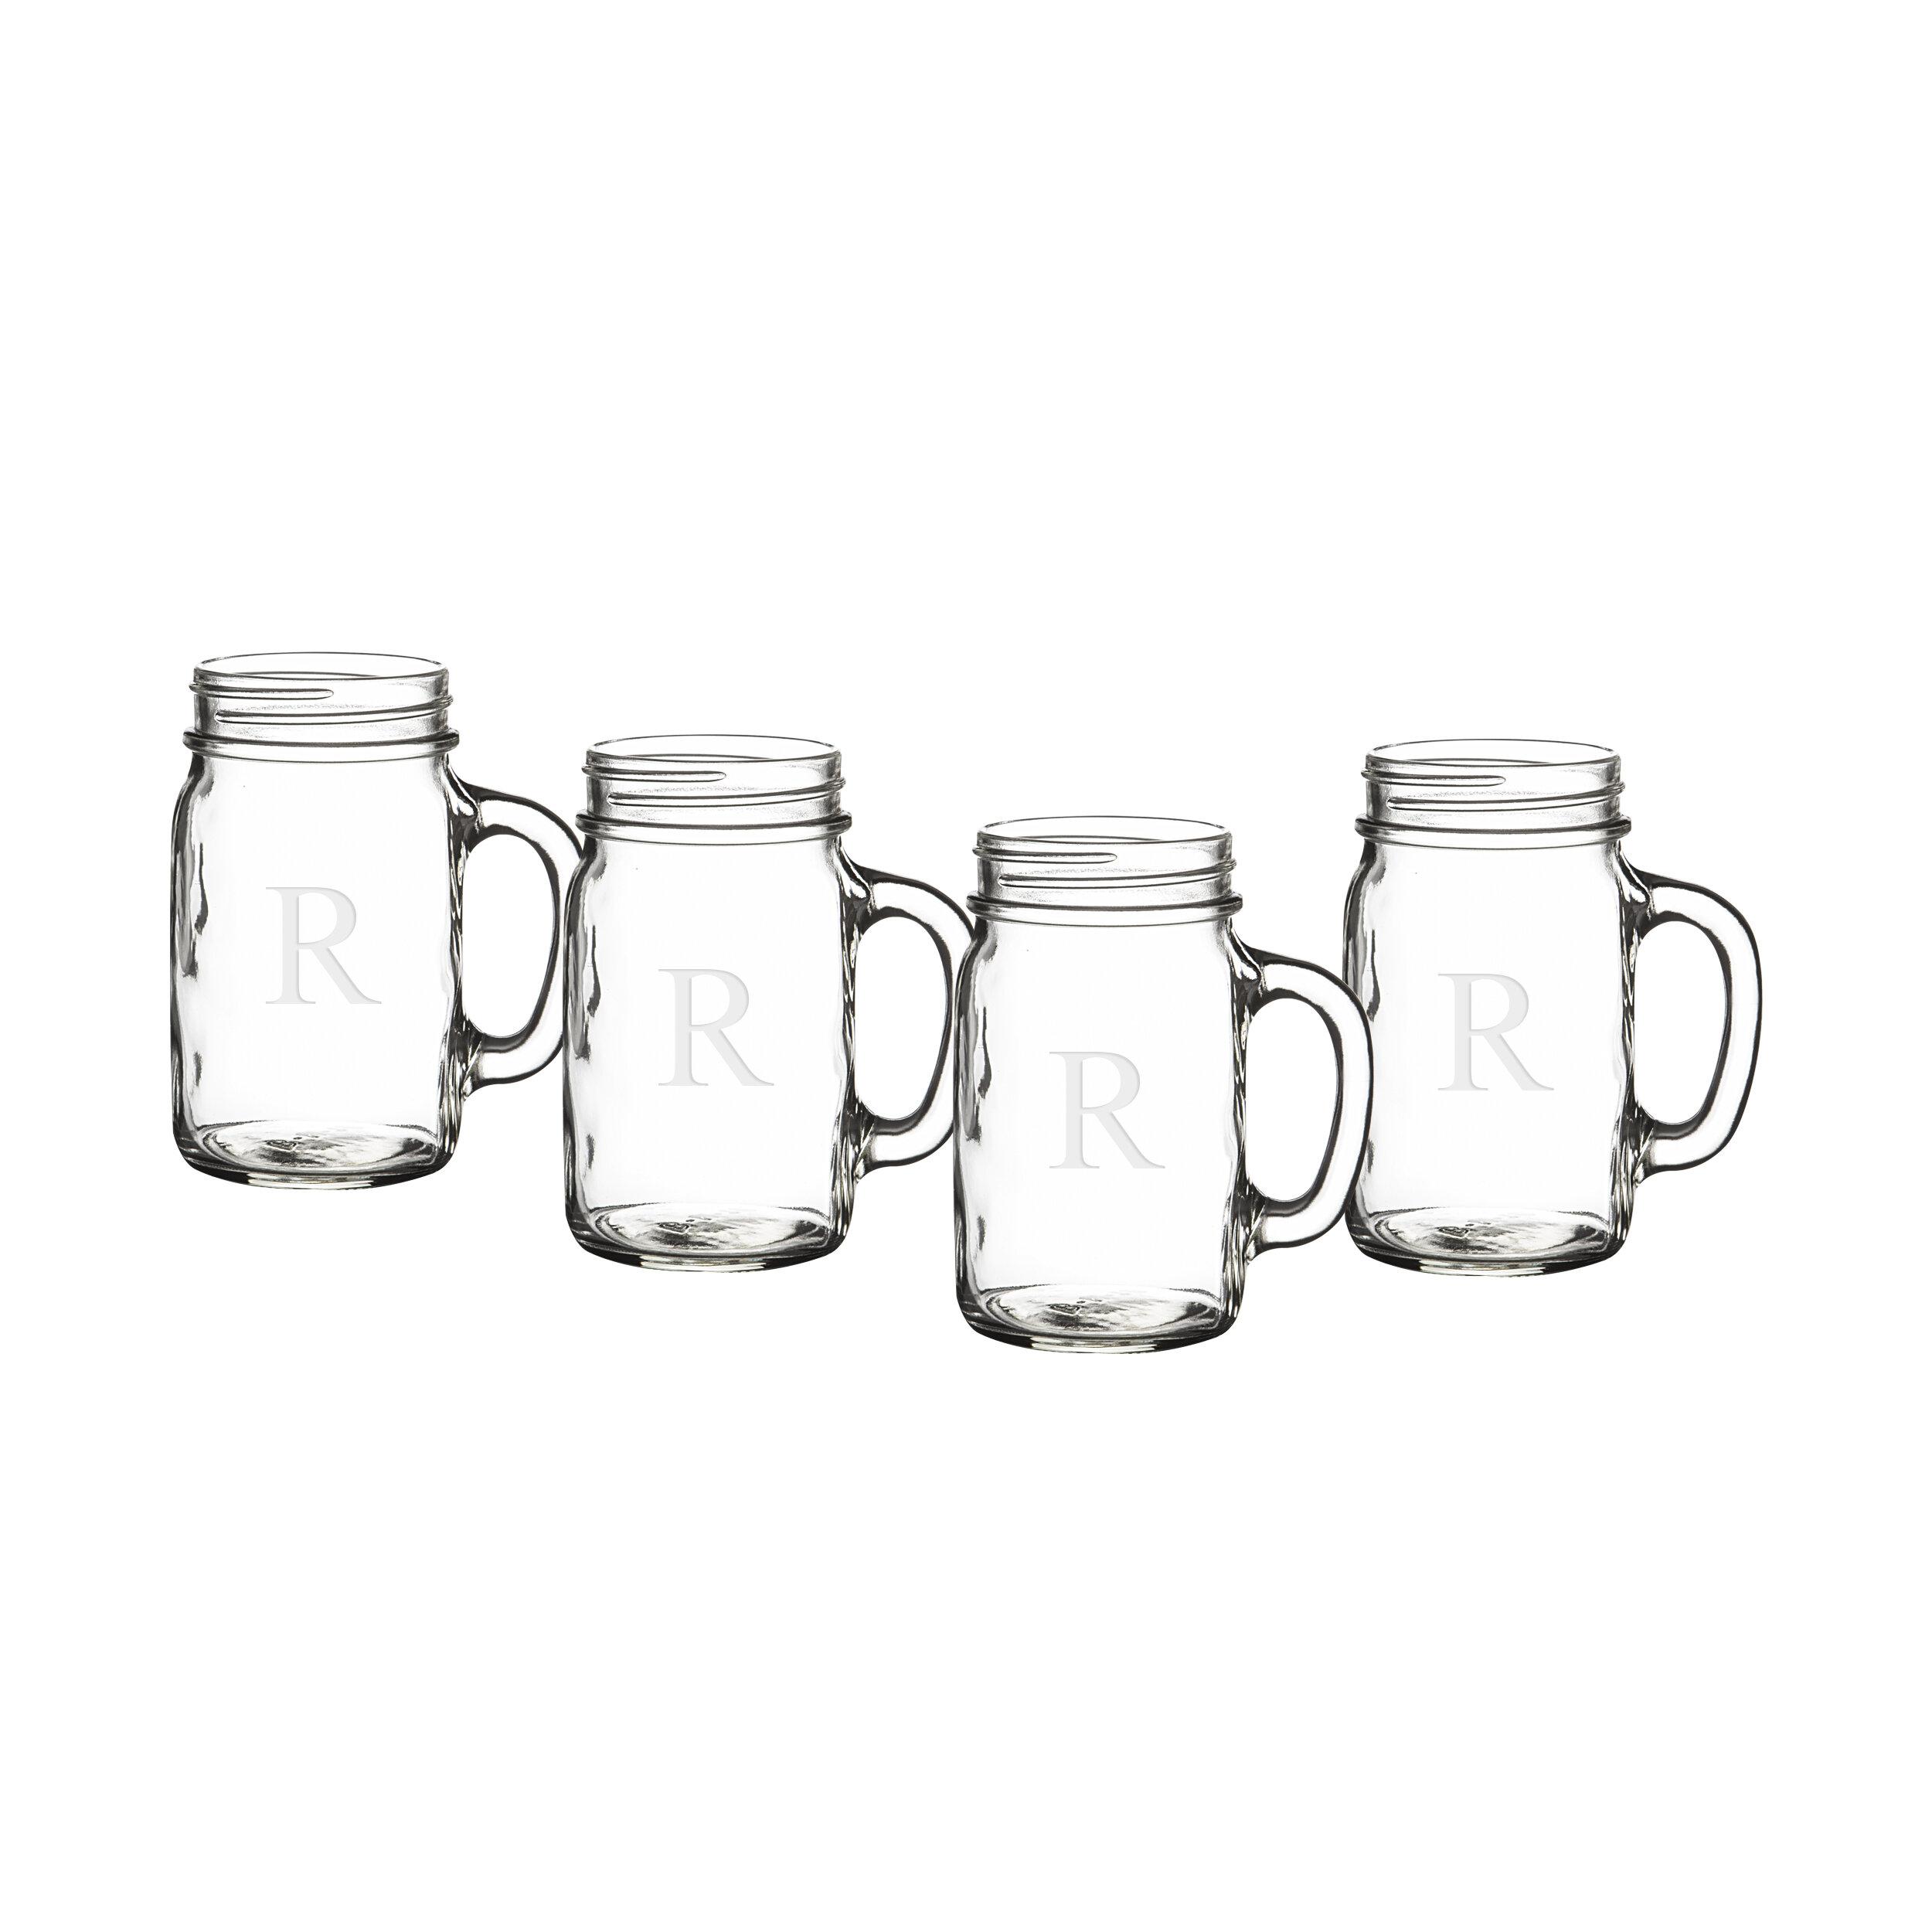 c8f8fa5d8b35 Personalized 17 oz. Glass Mason Jar